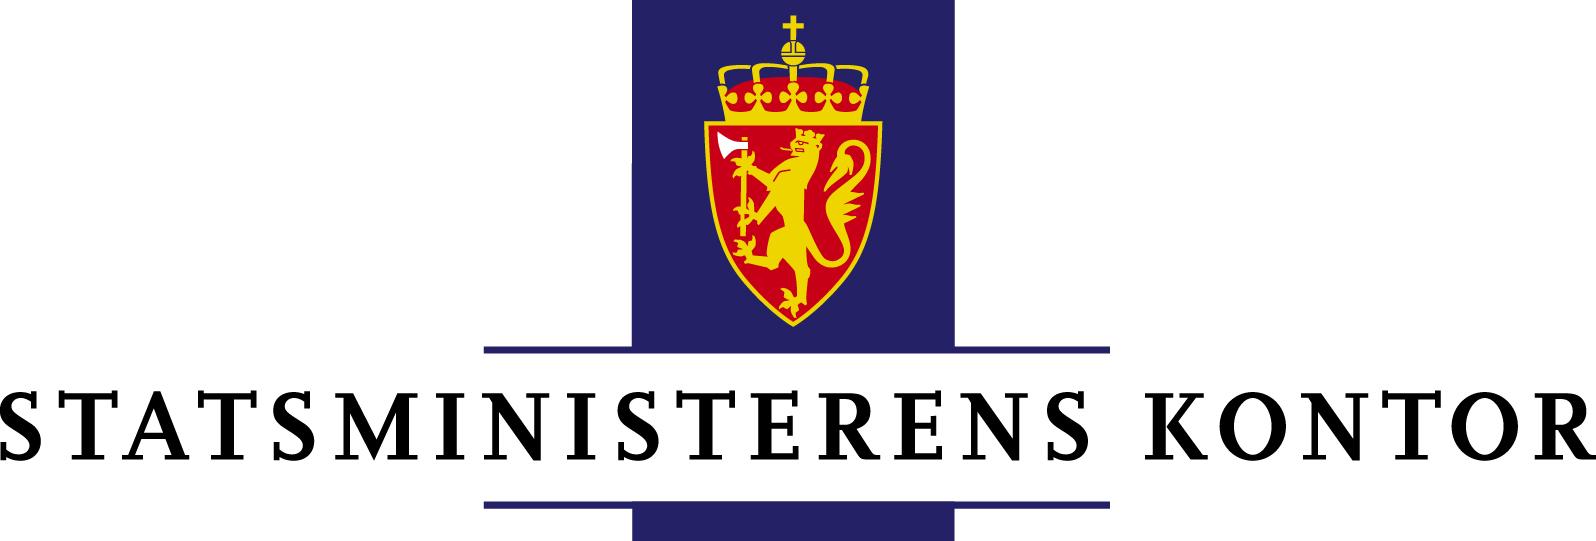 Logo Statsministerens kontor i farger